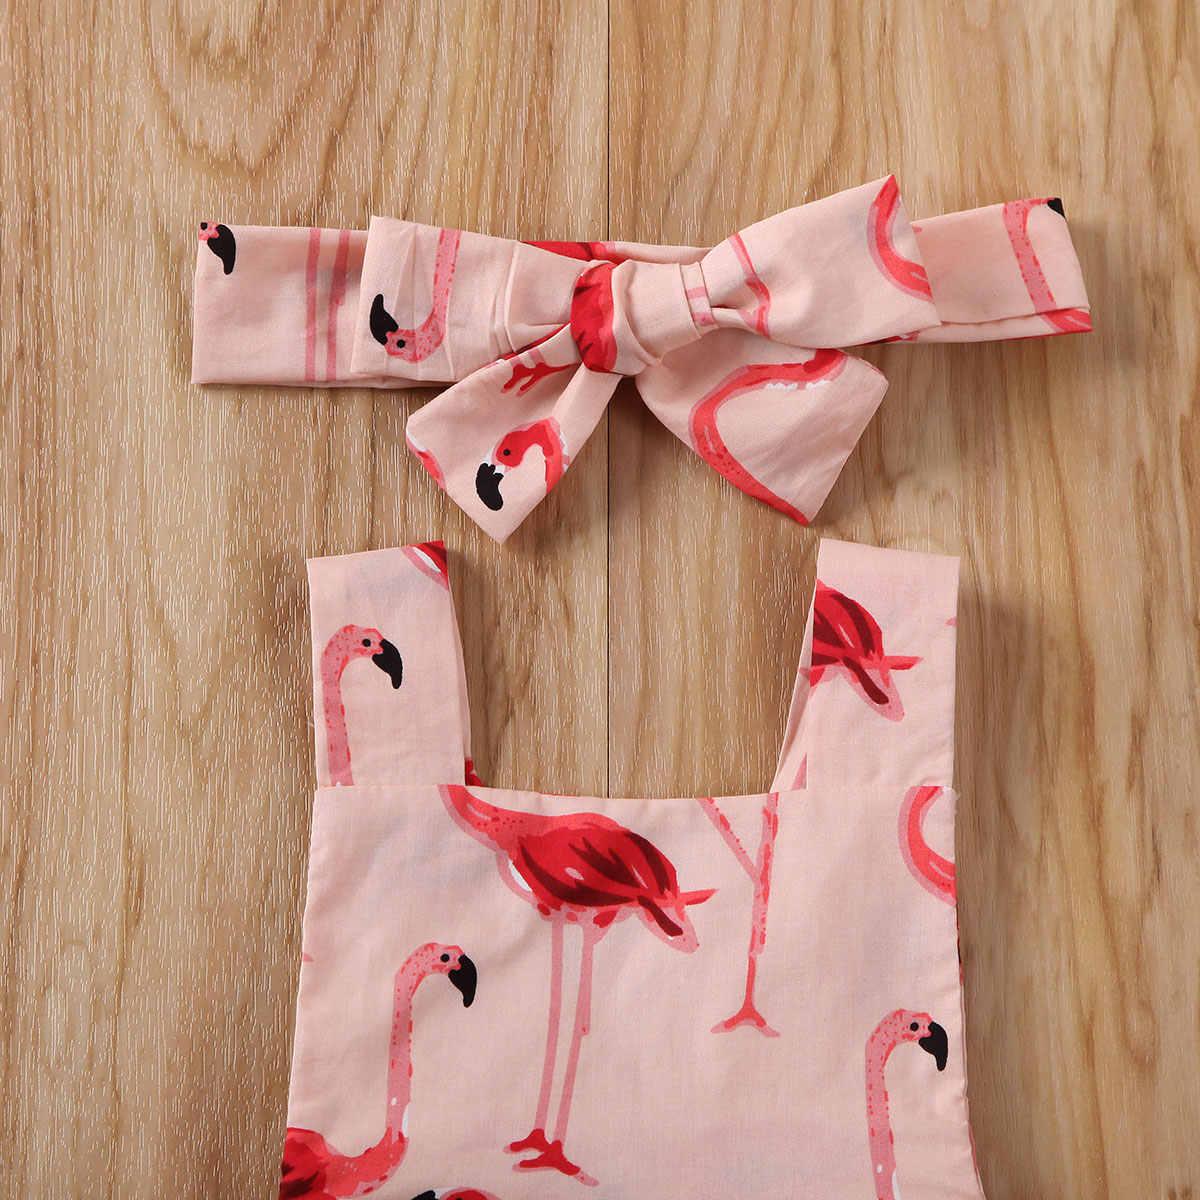 2PCS Newborn Baby Girl Clothes Print Cotton Jumpsuit Bodysuit Outfit Ruffled Flamingo Sunsuit